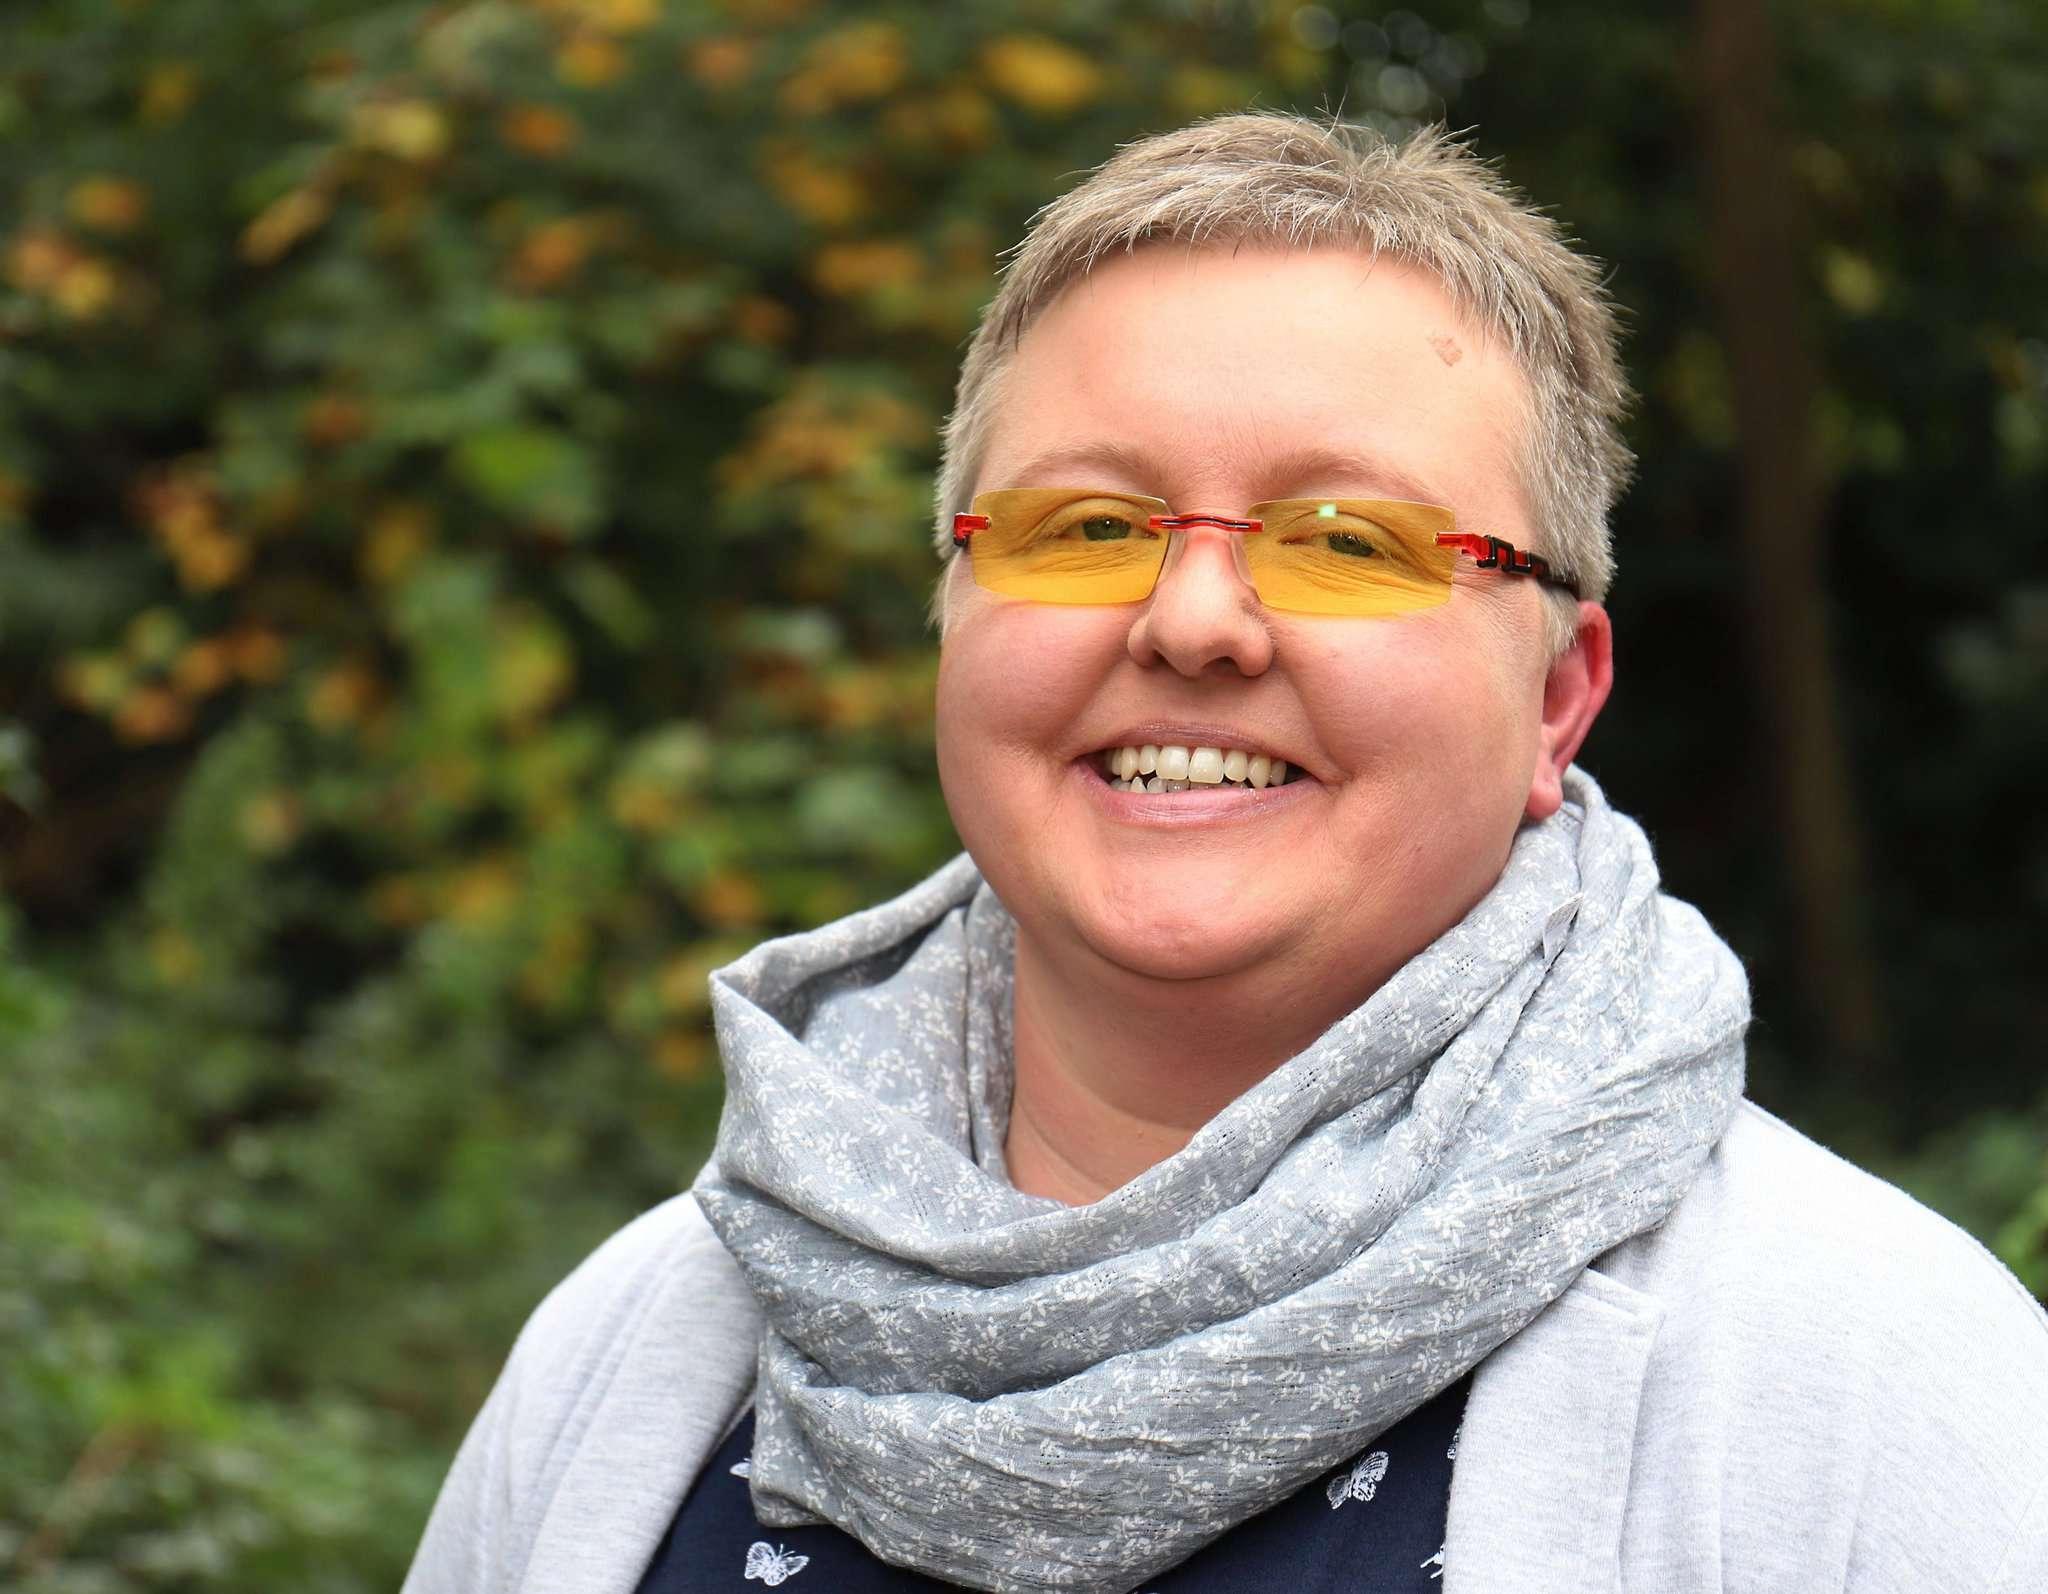 Katja Schäfer leitete bereits zwei Selbsthilfegruppen in ihrer alten Heimat Ostfriesland, nun wohnt sie in Rotenburg und möchte eine neue Gruppe gründen.